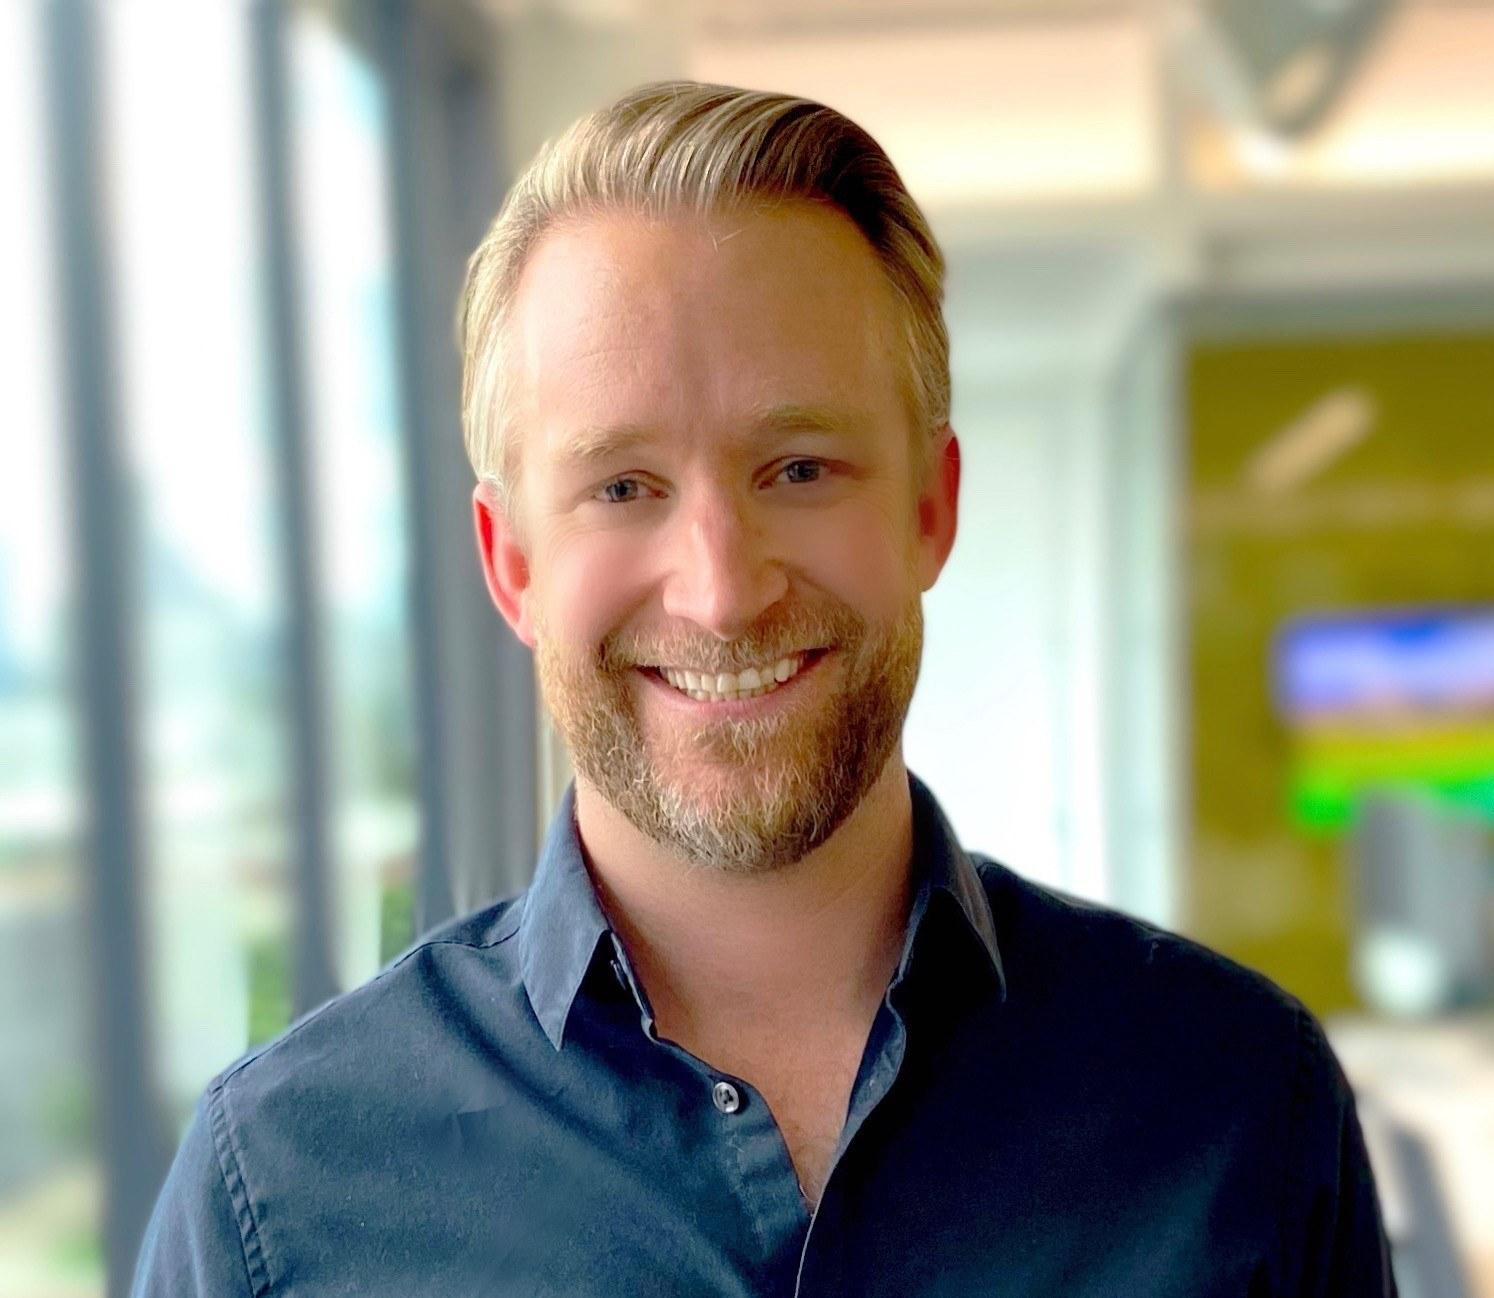 Jeff Olson Headshot 2021